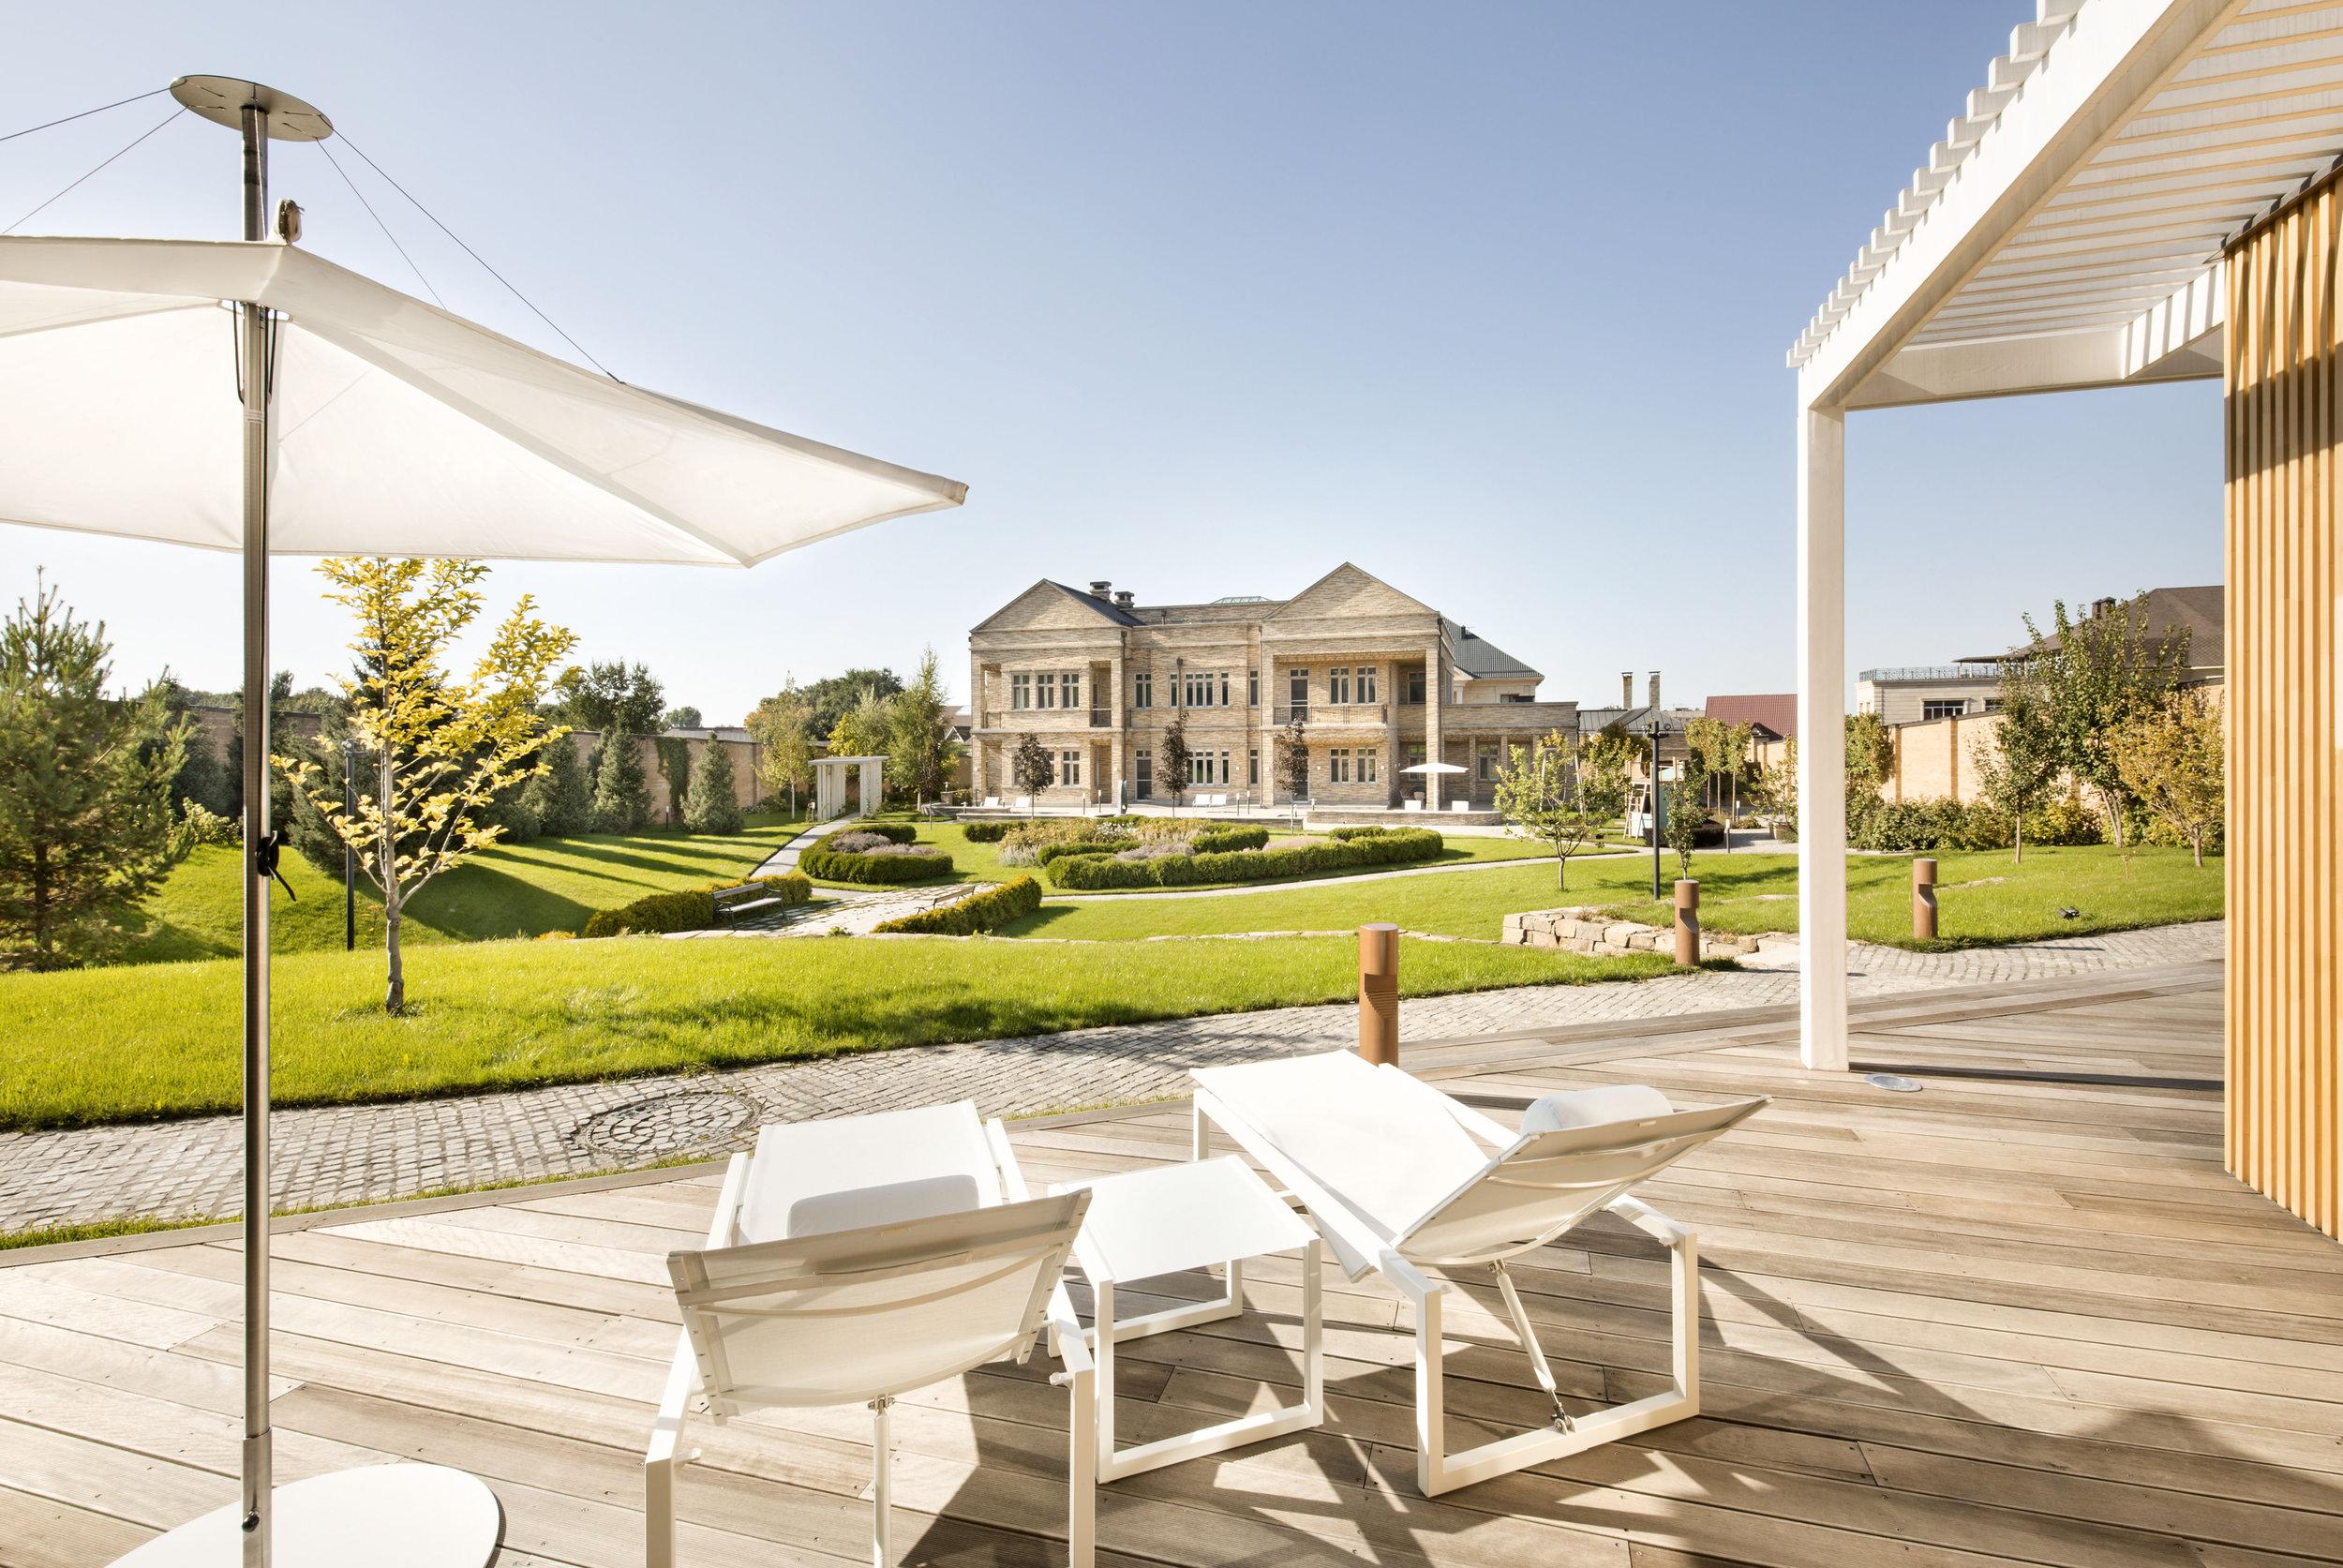 miras-villa_private-architecture-interior-design_coordination-berlin_01.jpg